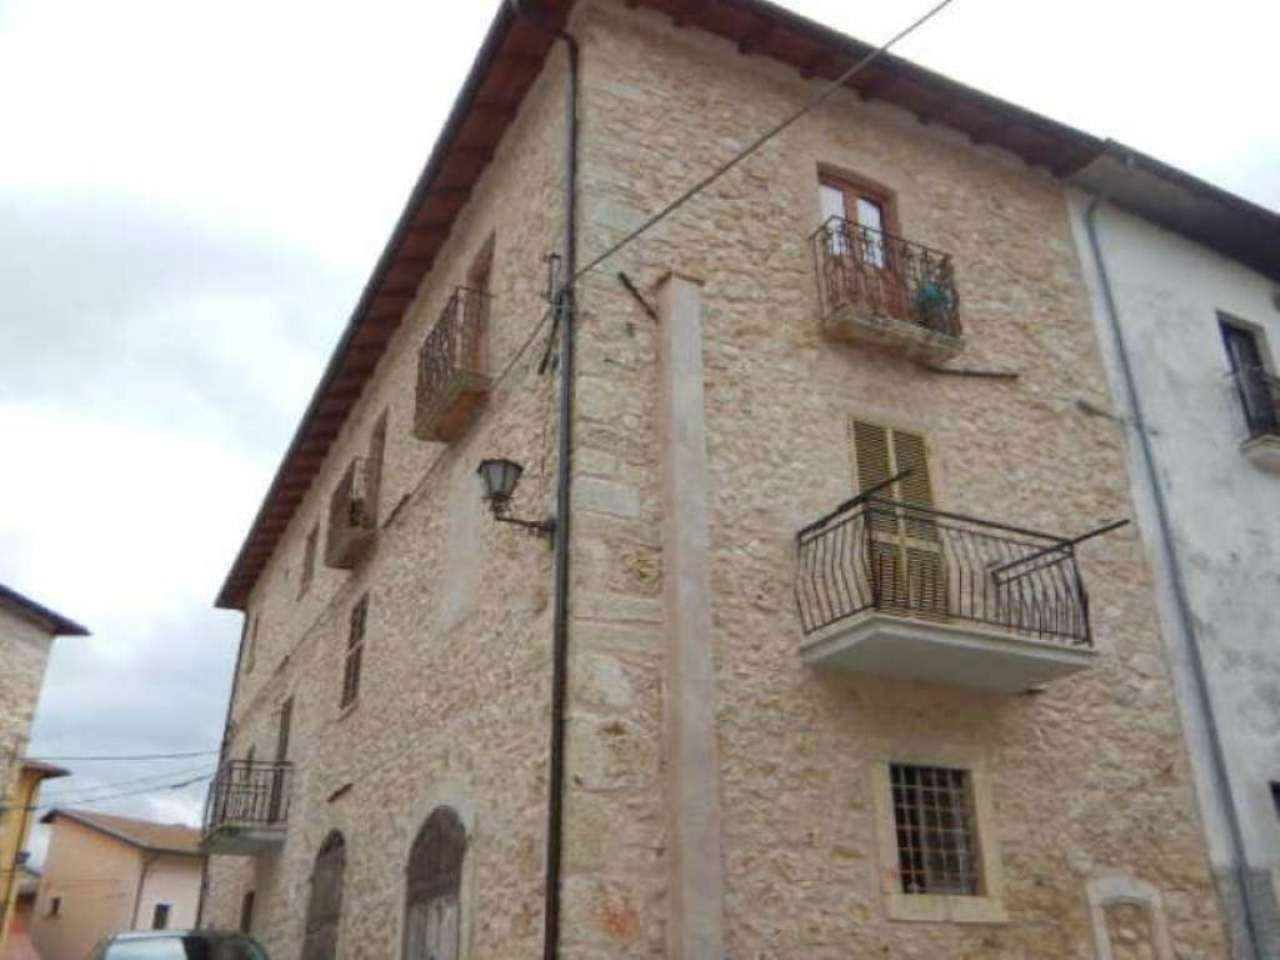 Appartamento in vendita a Borgorose, 3 locali, prezzo € 55.000 | Cambio Casa.it